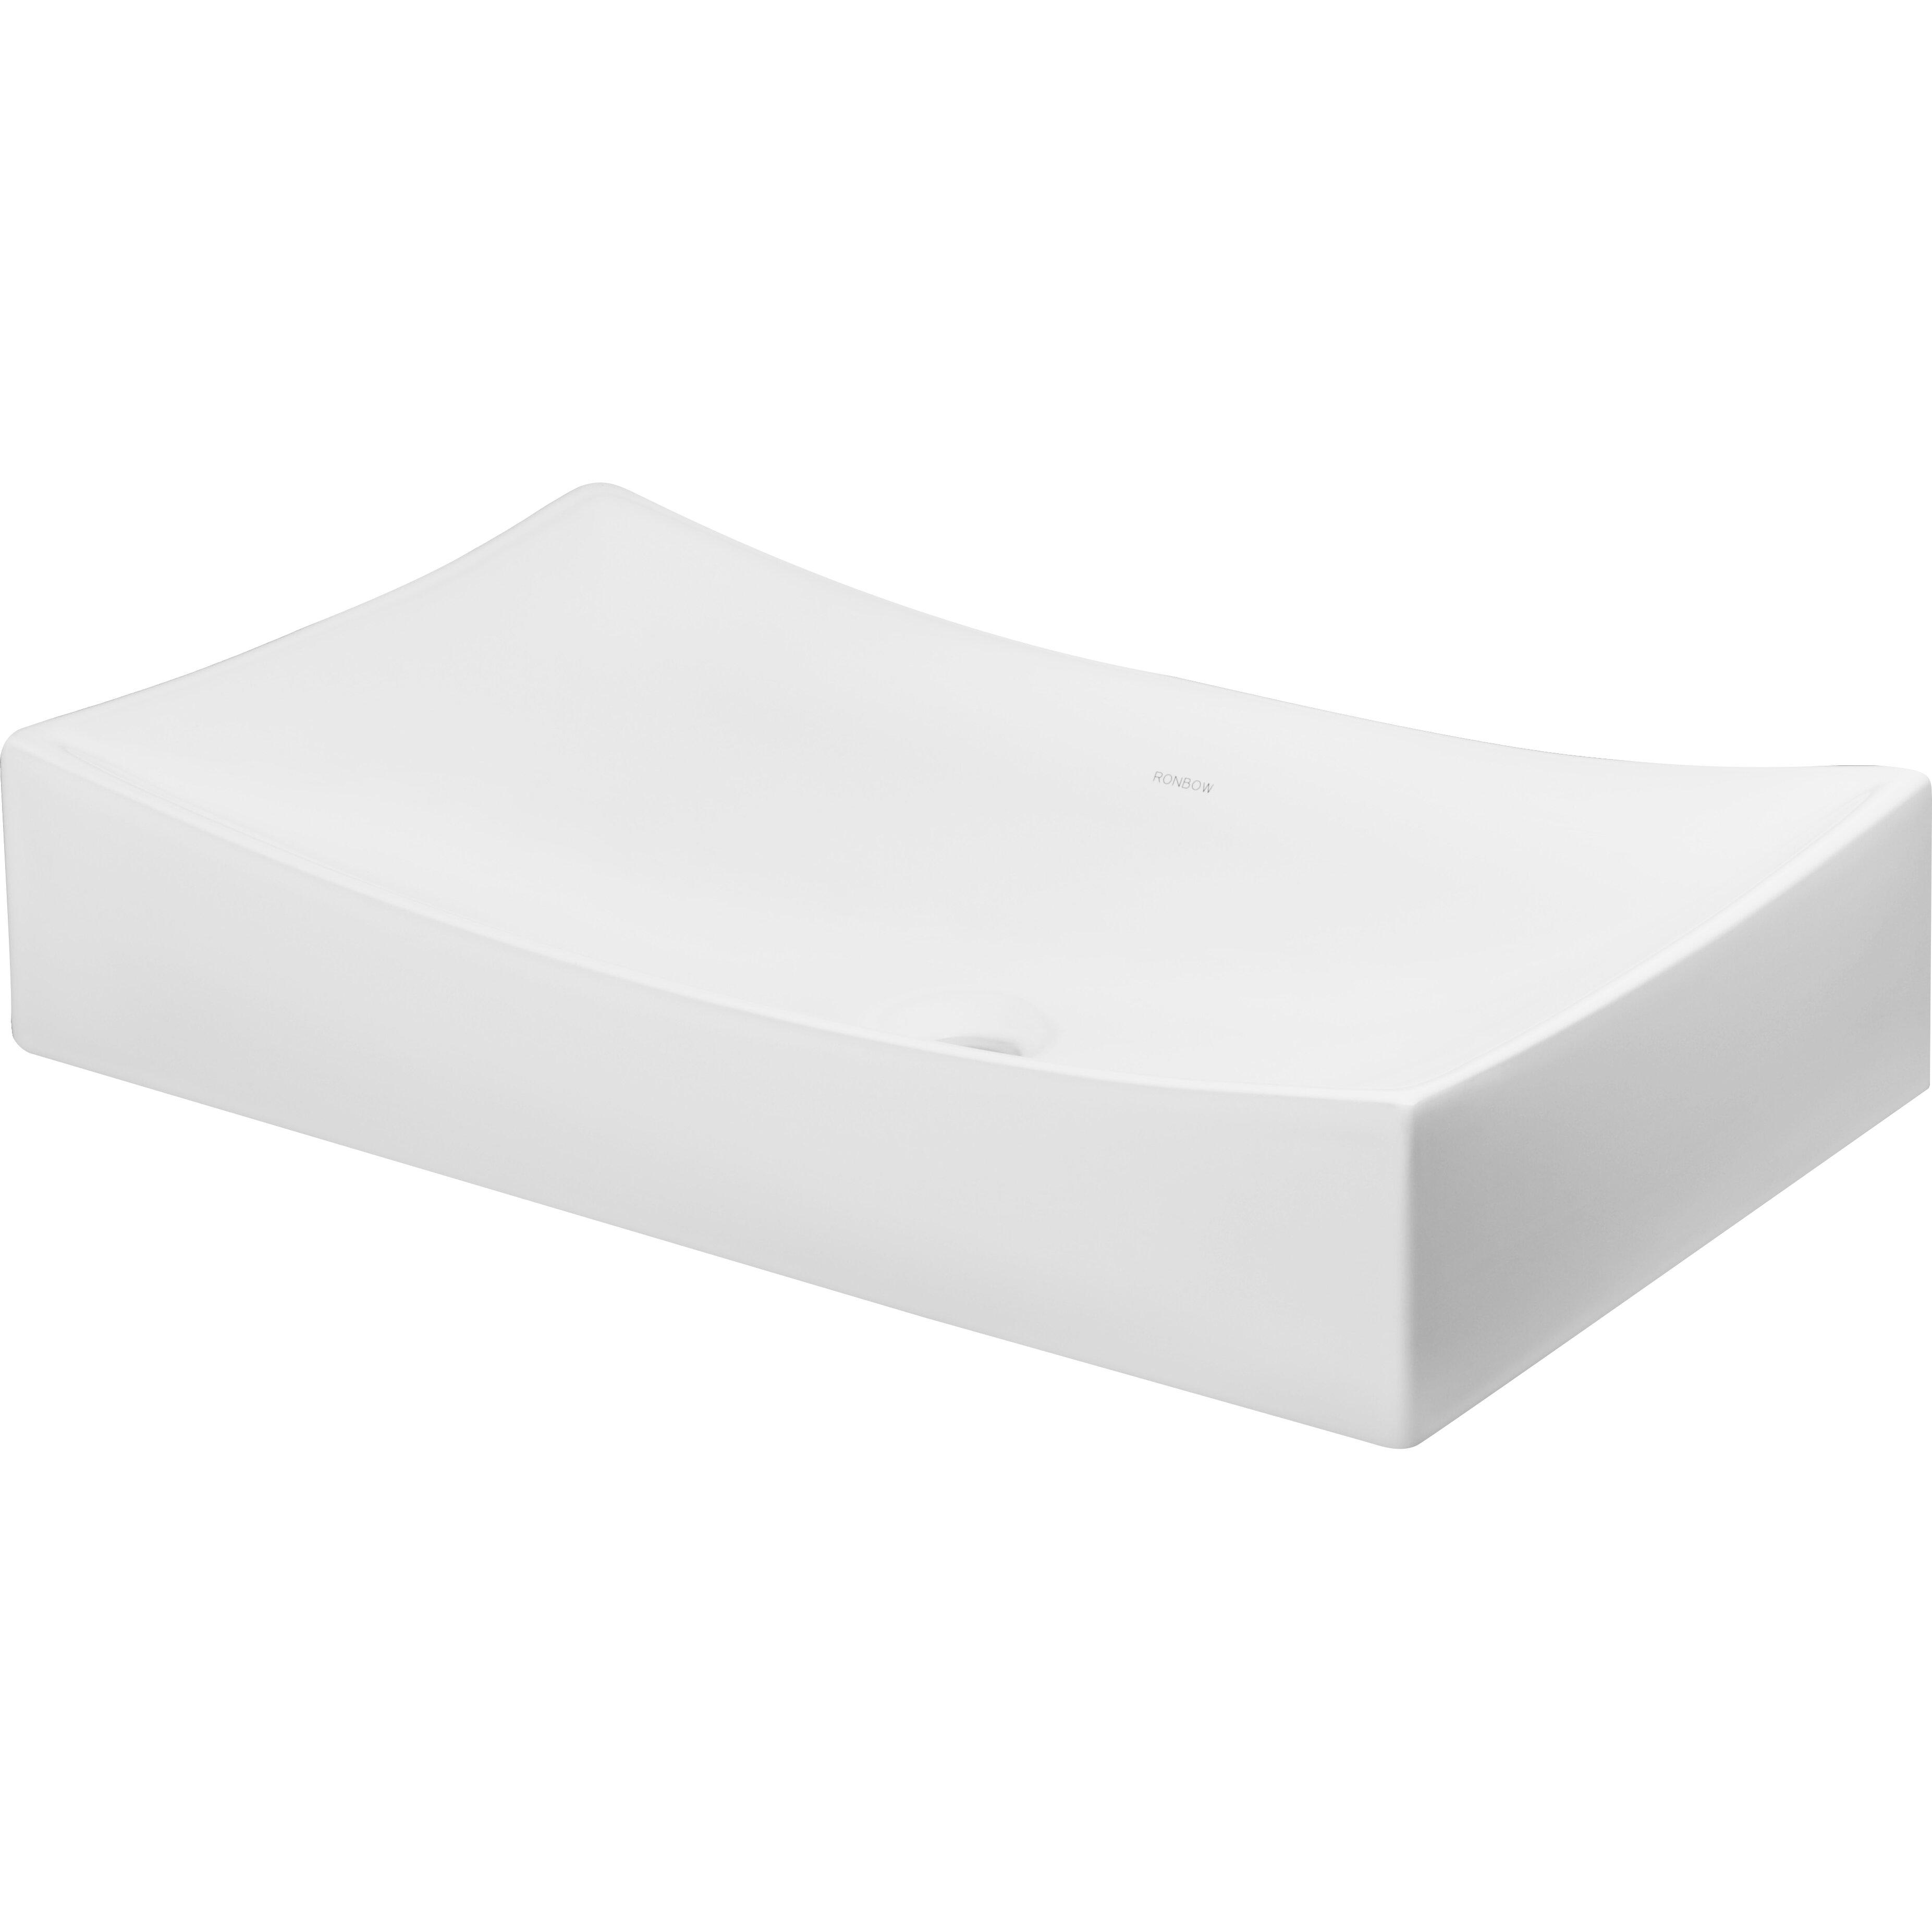 Ronbow rectangular ceramic vessel bathroom sink in white - Rectangular sinks bathroom vessel ...